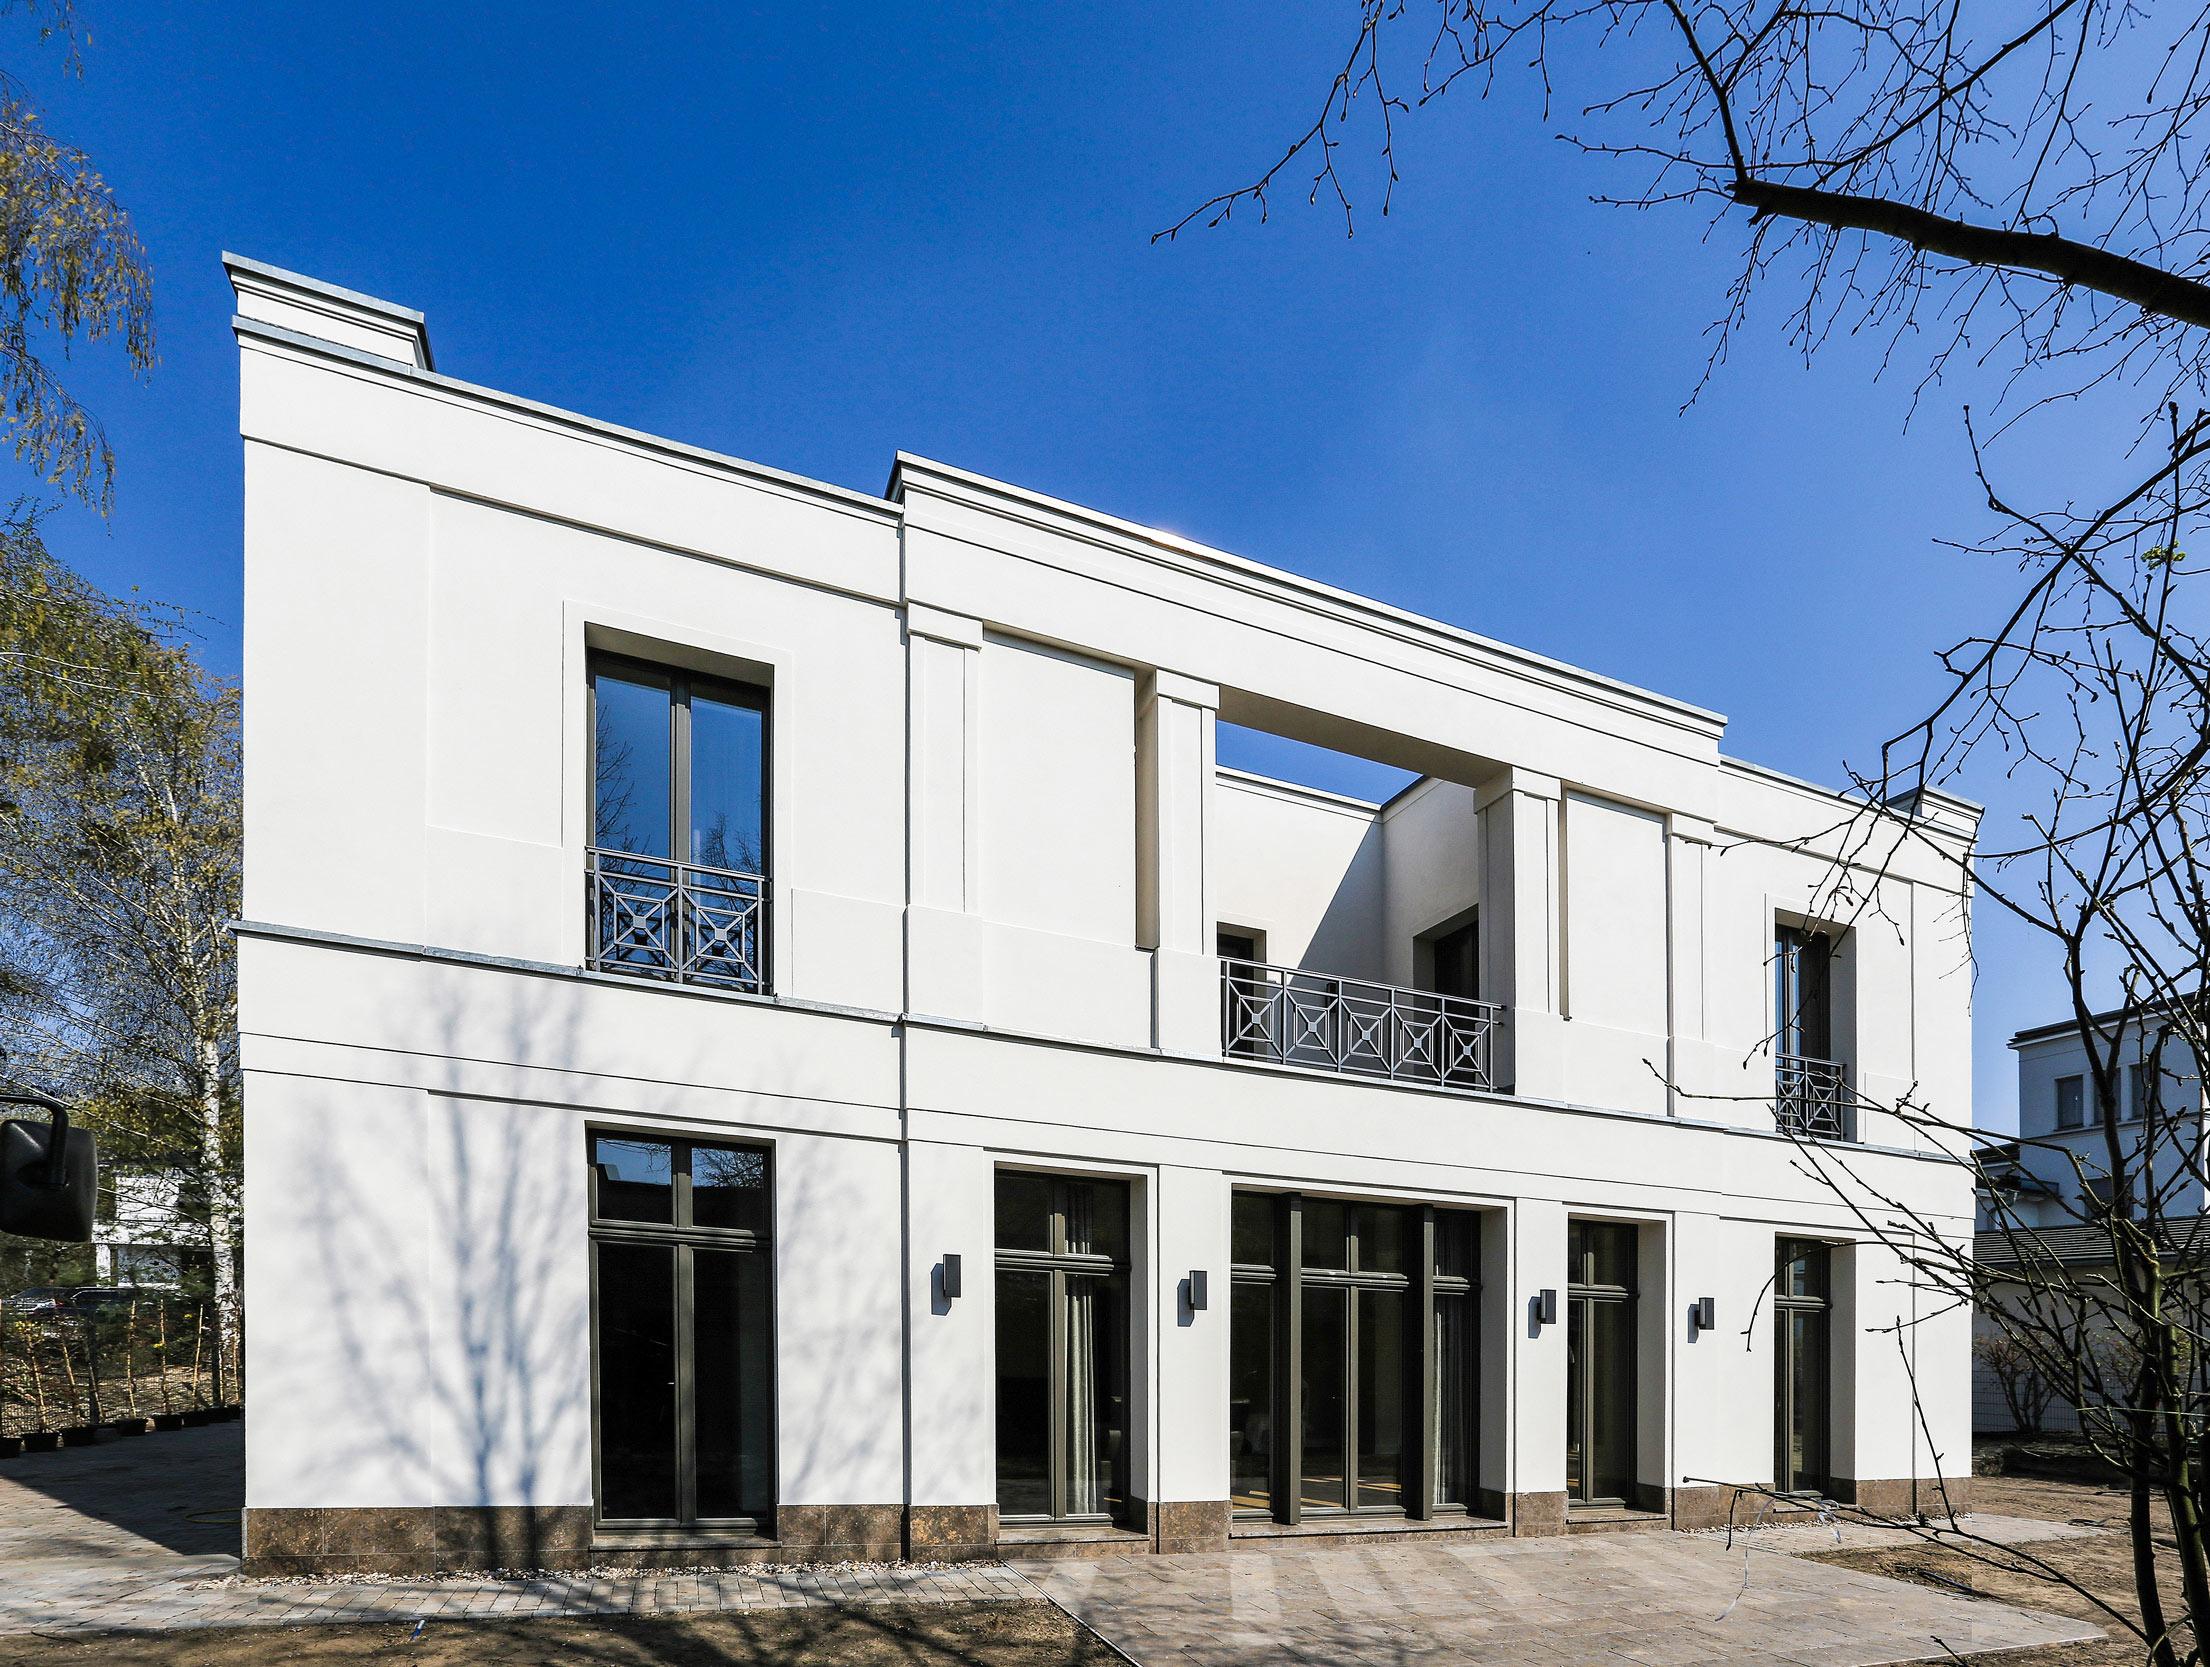 Neubau einer Villa im Klassik-Stil in Potsdam - Die Gartenseite mit Pergola und Loggia im Obergeschoss und der Gartenterrasse.